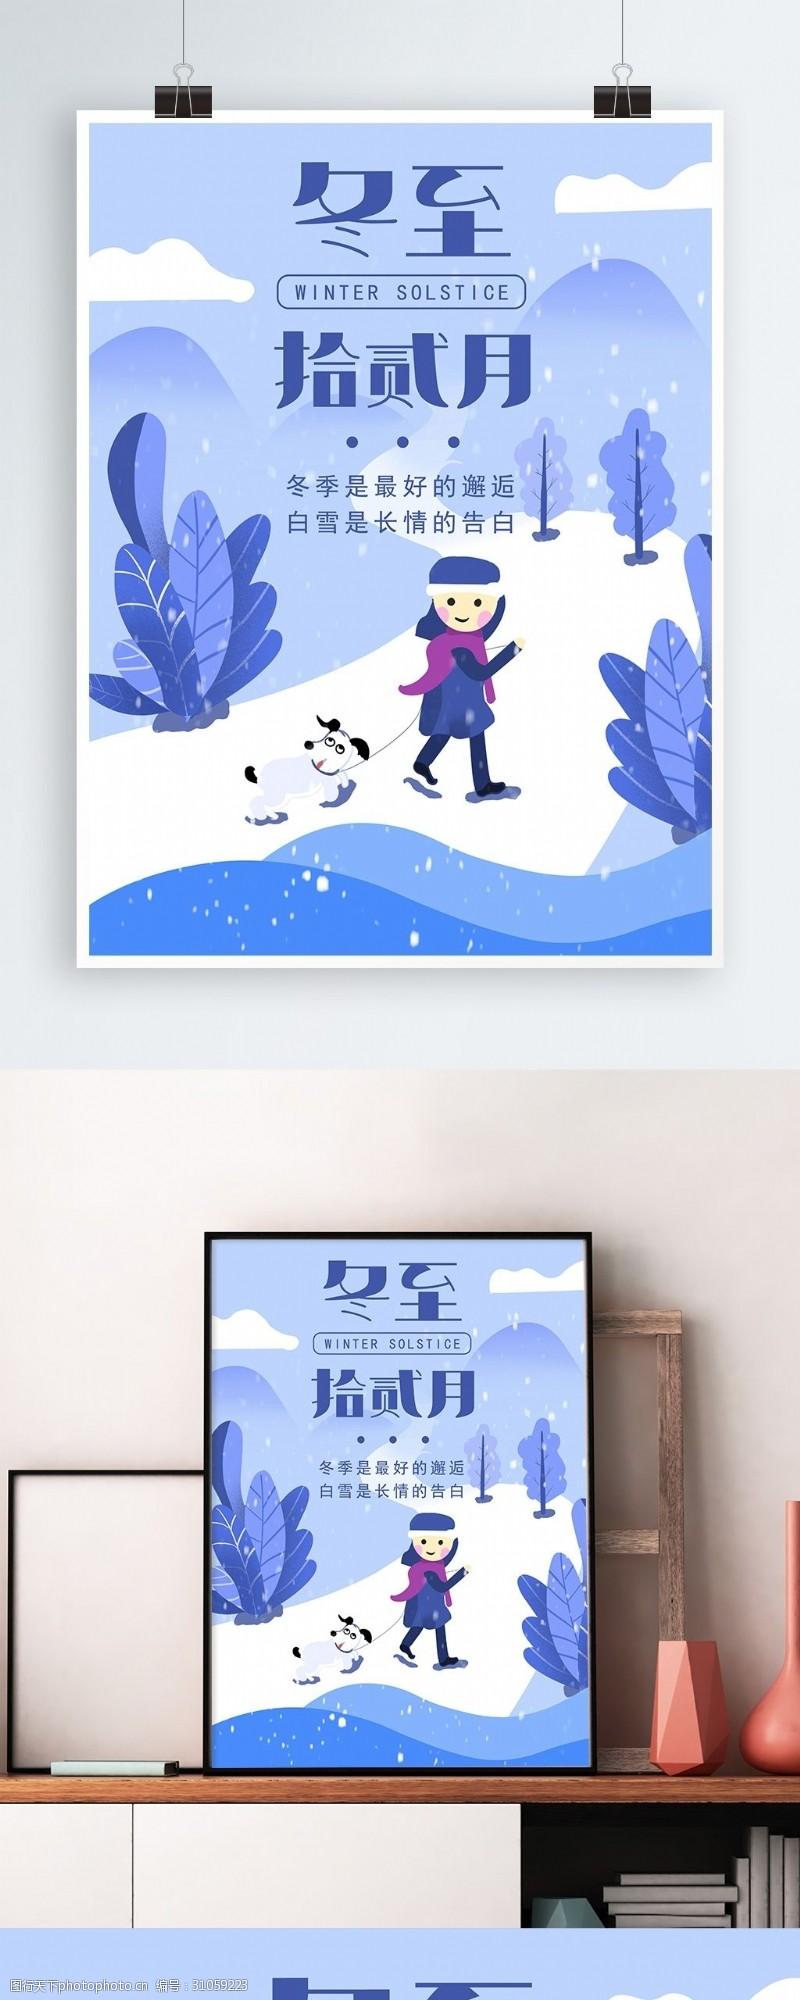 原创插画风格手绘冬至海报模版下载